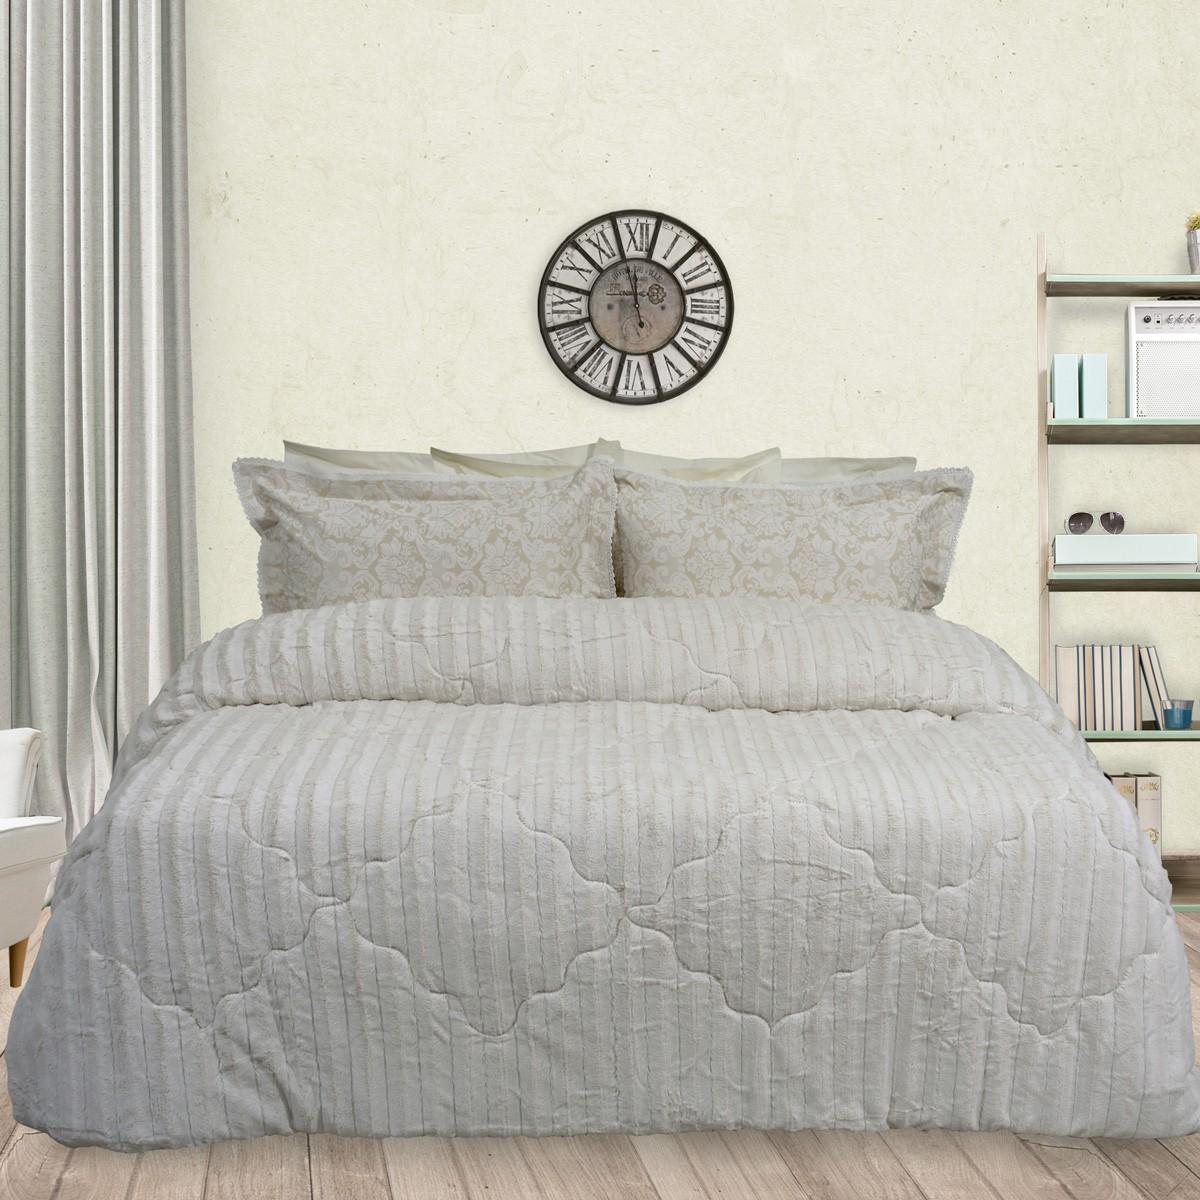 Κουβερτοπάπλωμα Υπέρδιπλο Das Home Blanket Faux Fur Fleece 1114